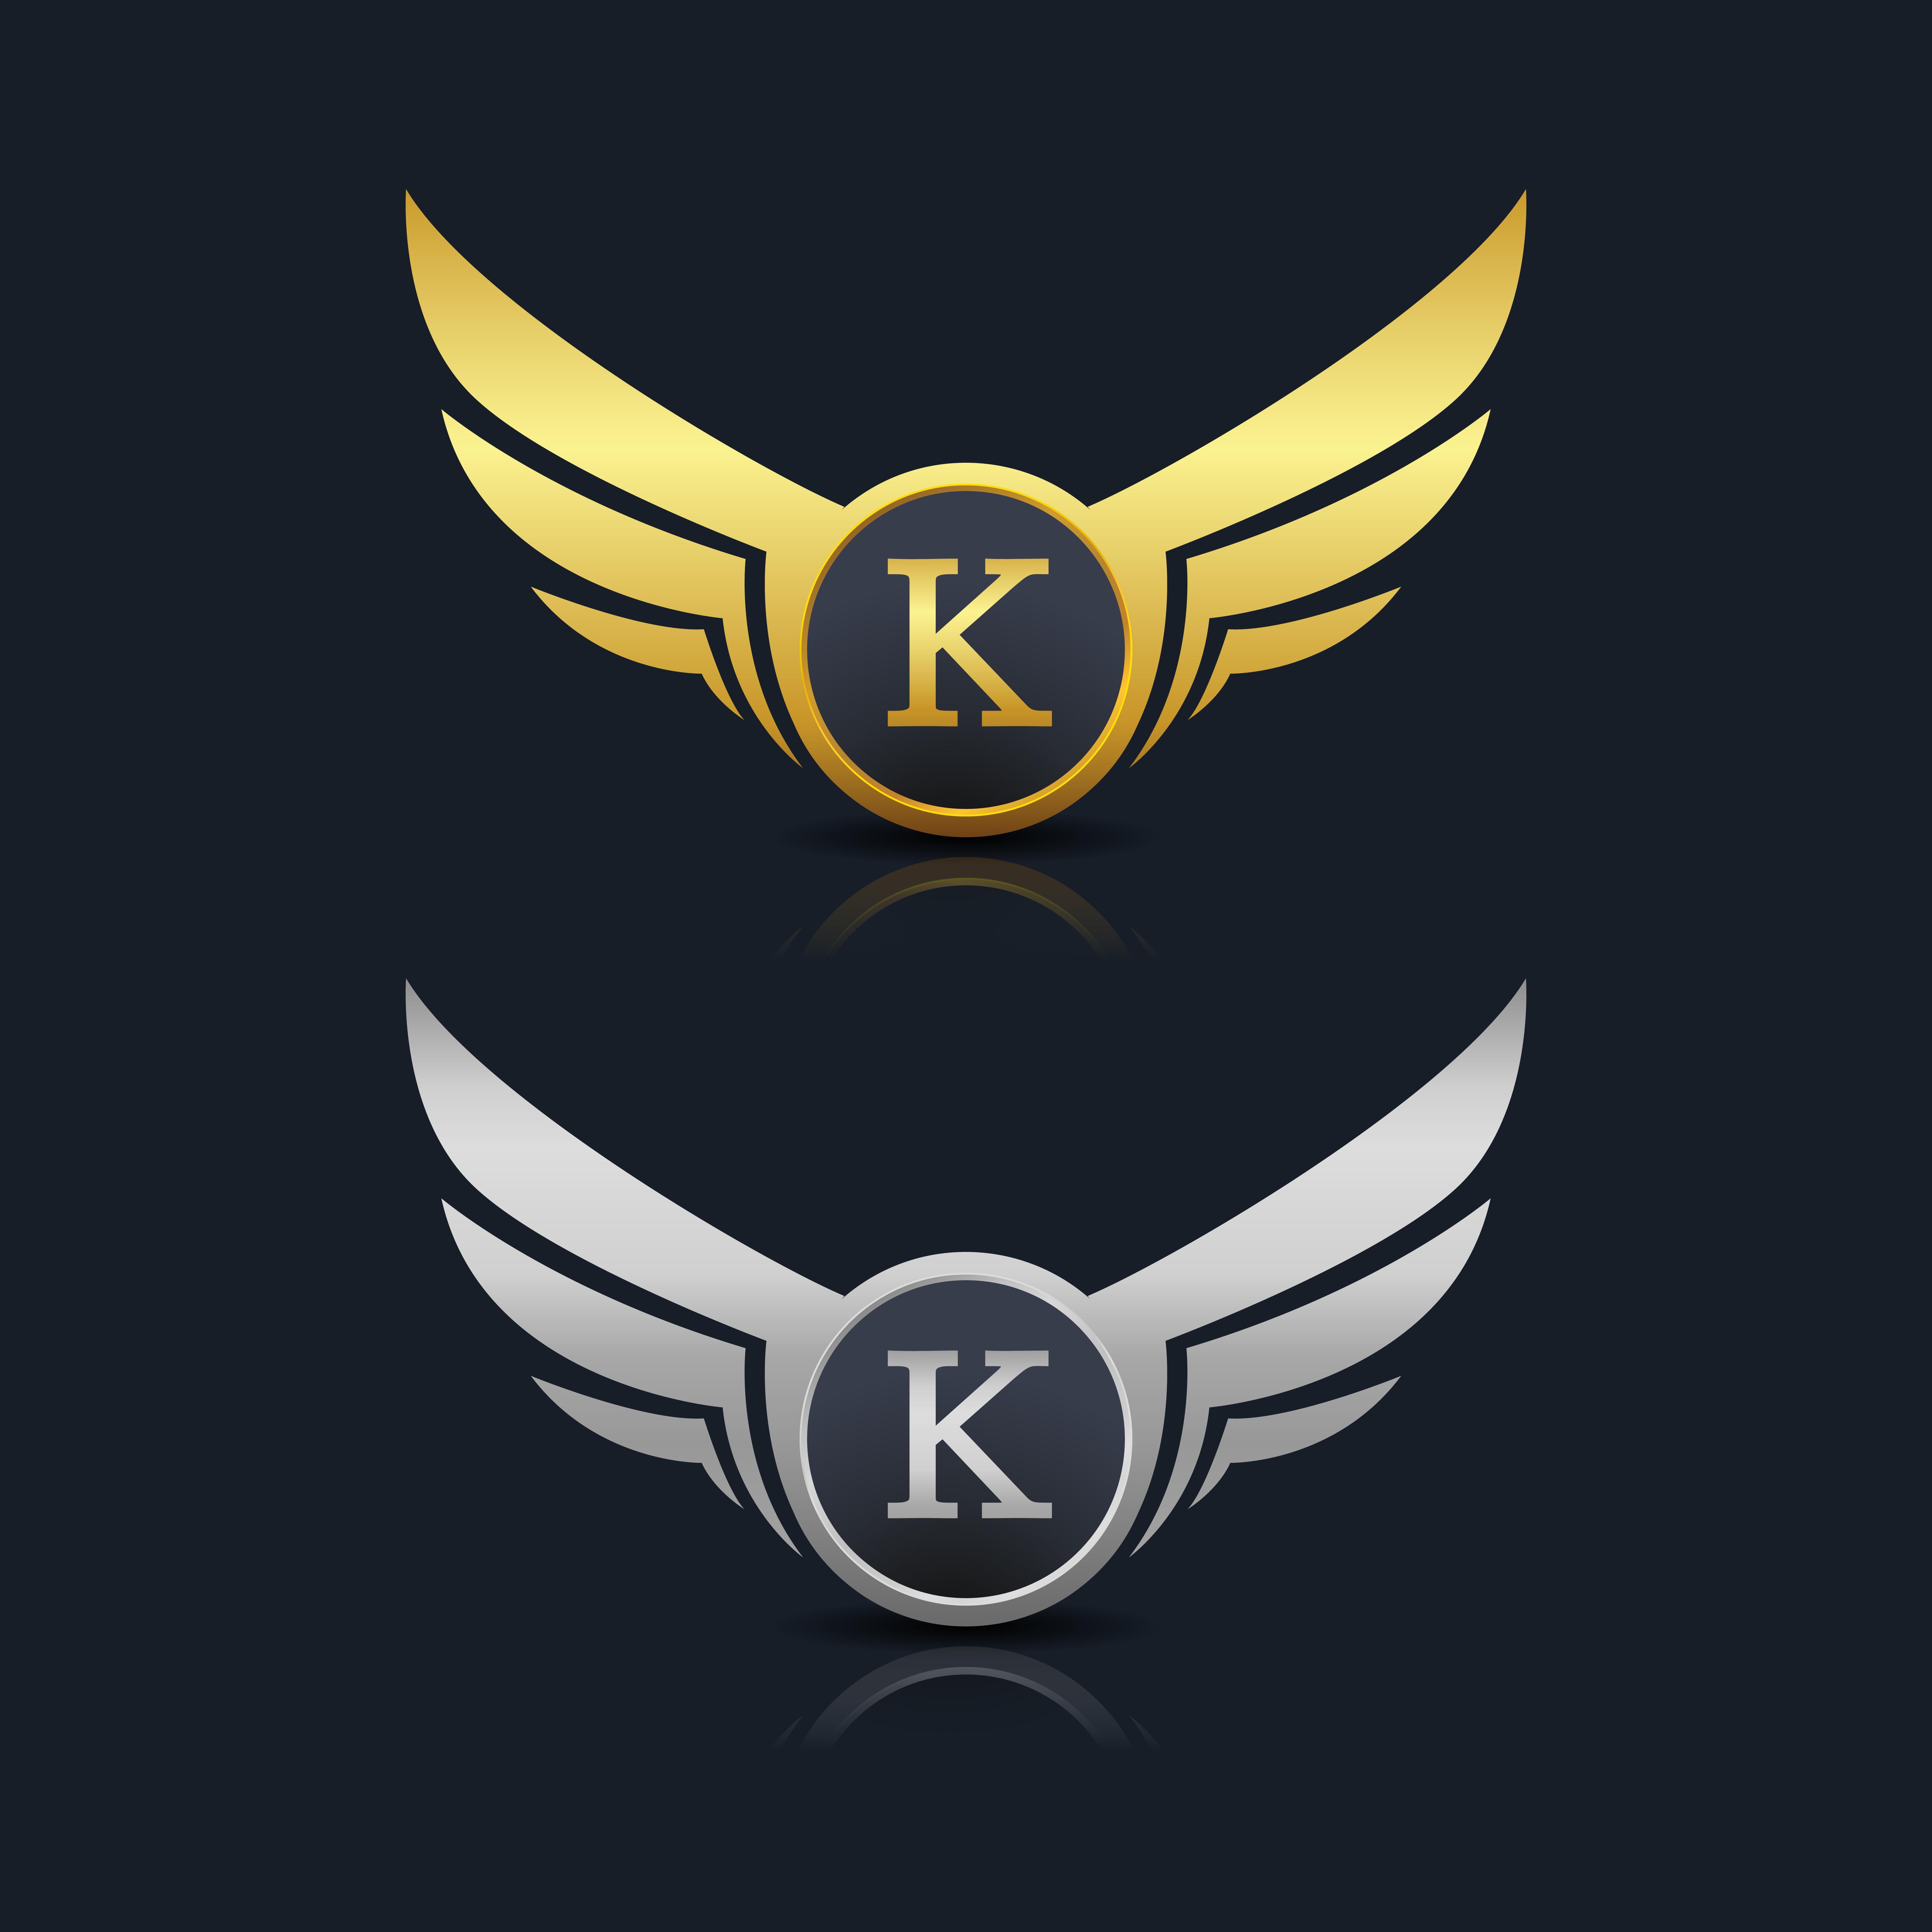 Modern Letter K Logo Concept: Wings Shield Letter K Logo Template 603597